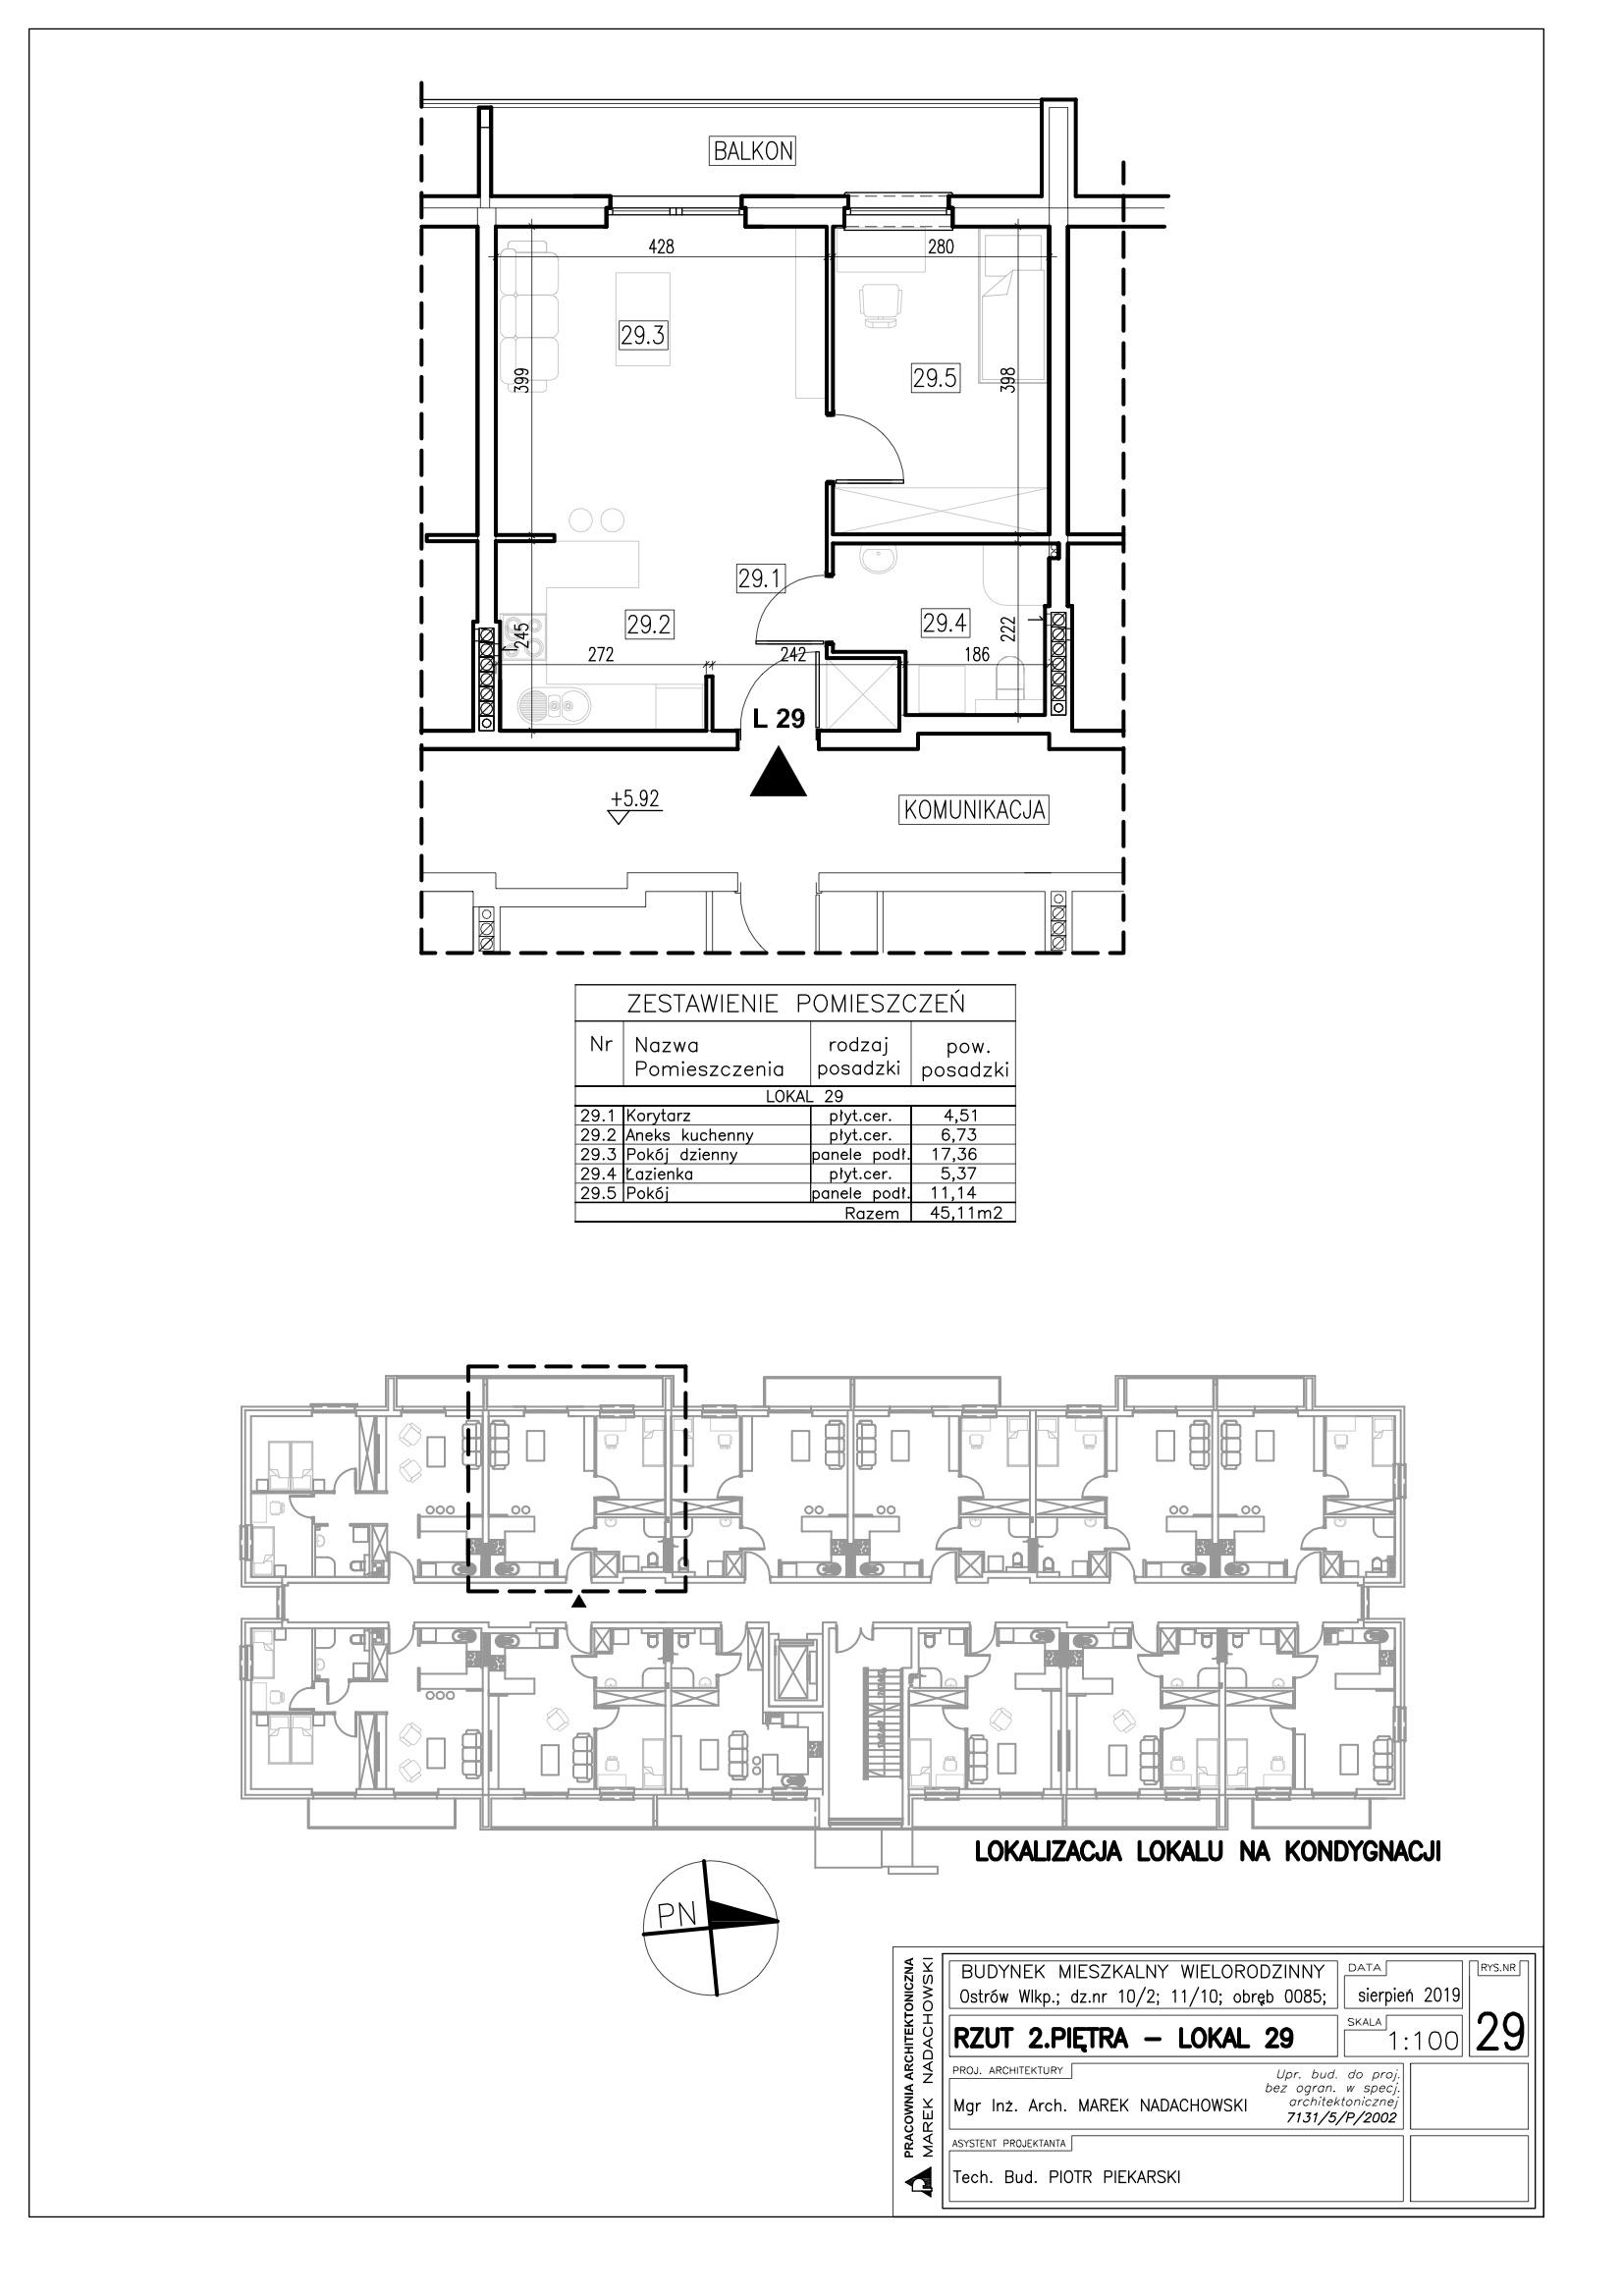 Lokal nr 29 powierzchnia 45,11m2